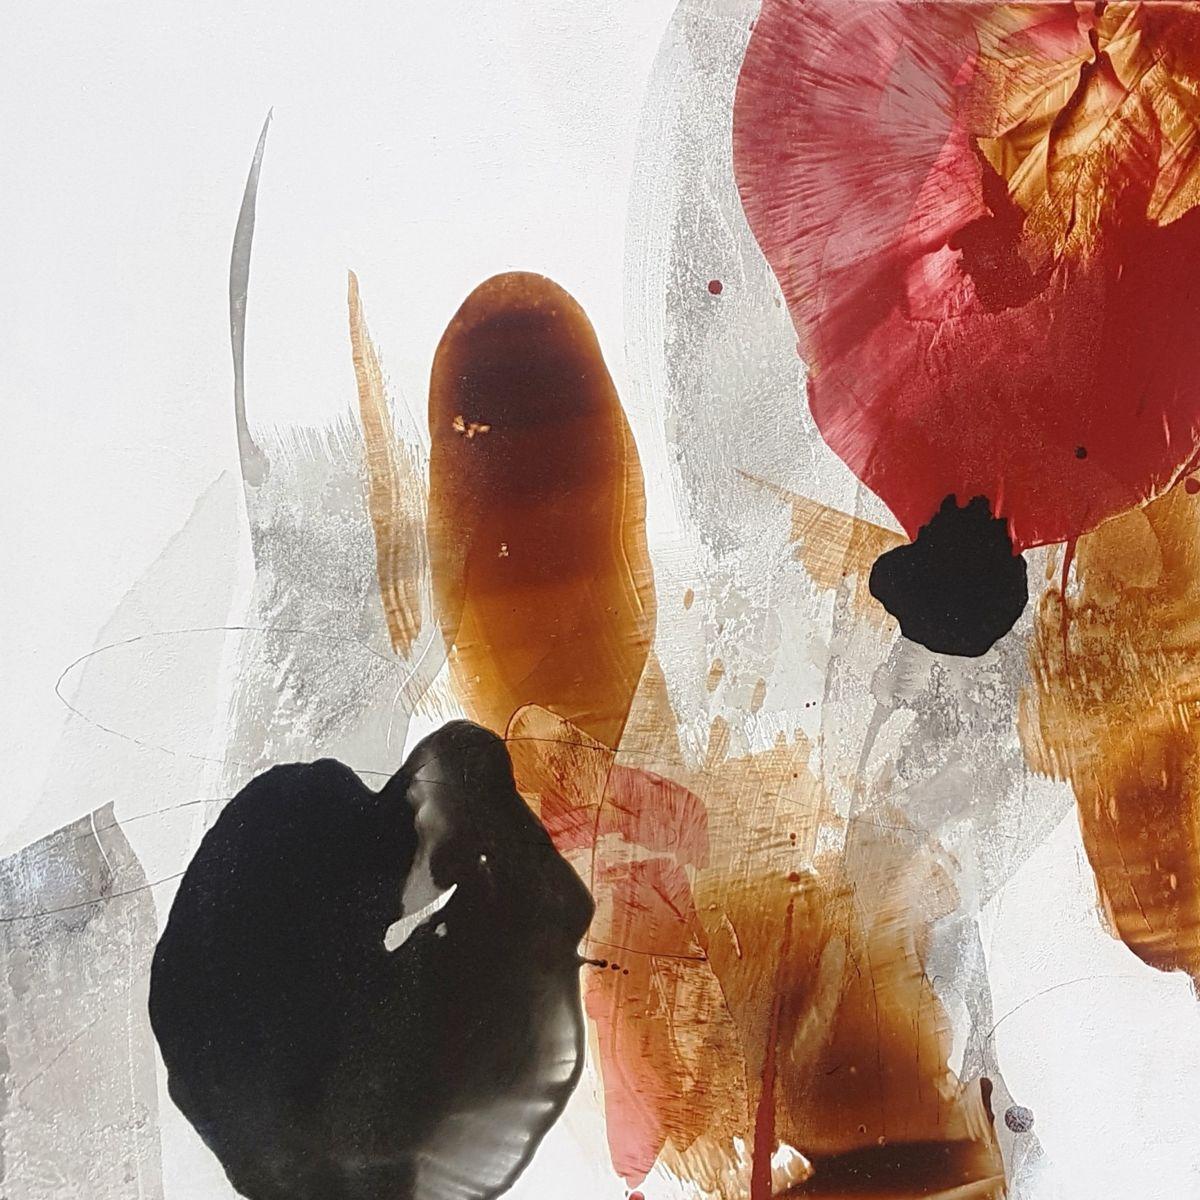 exposition, peinture, sculpture, abstrait, figuratif, val d'oise, champagne-sur-oise, art